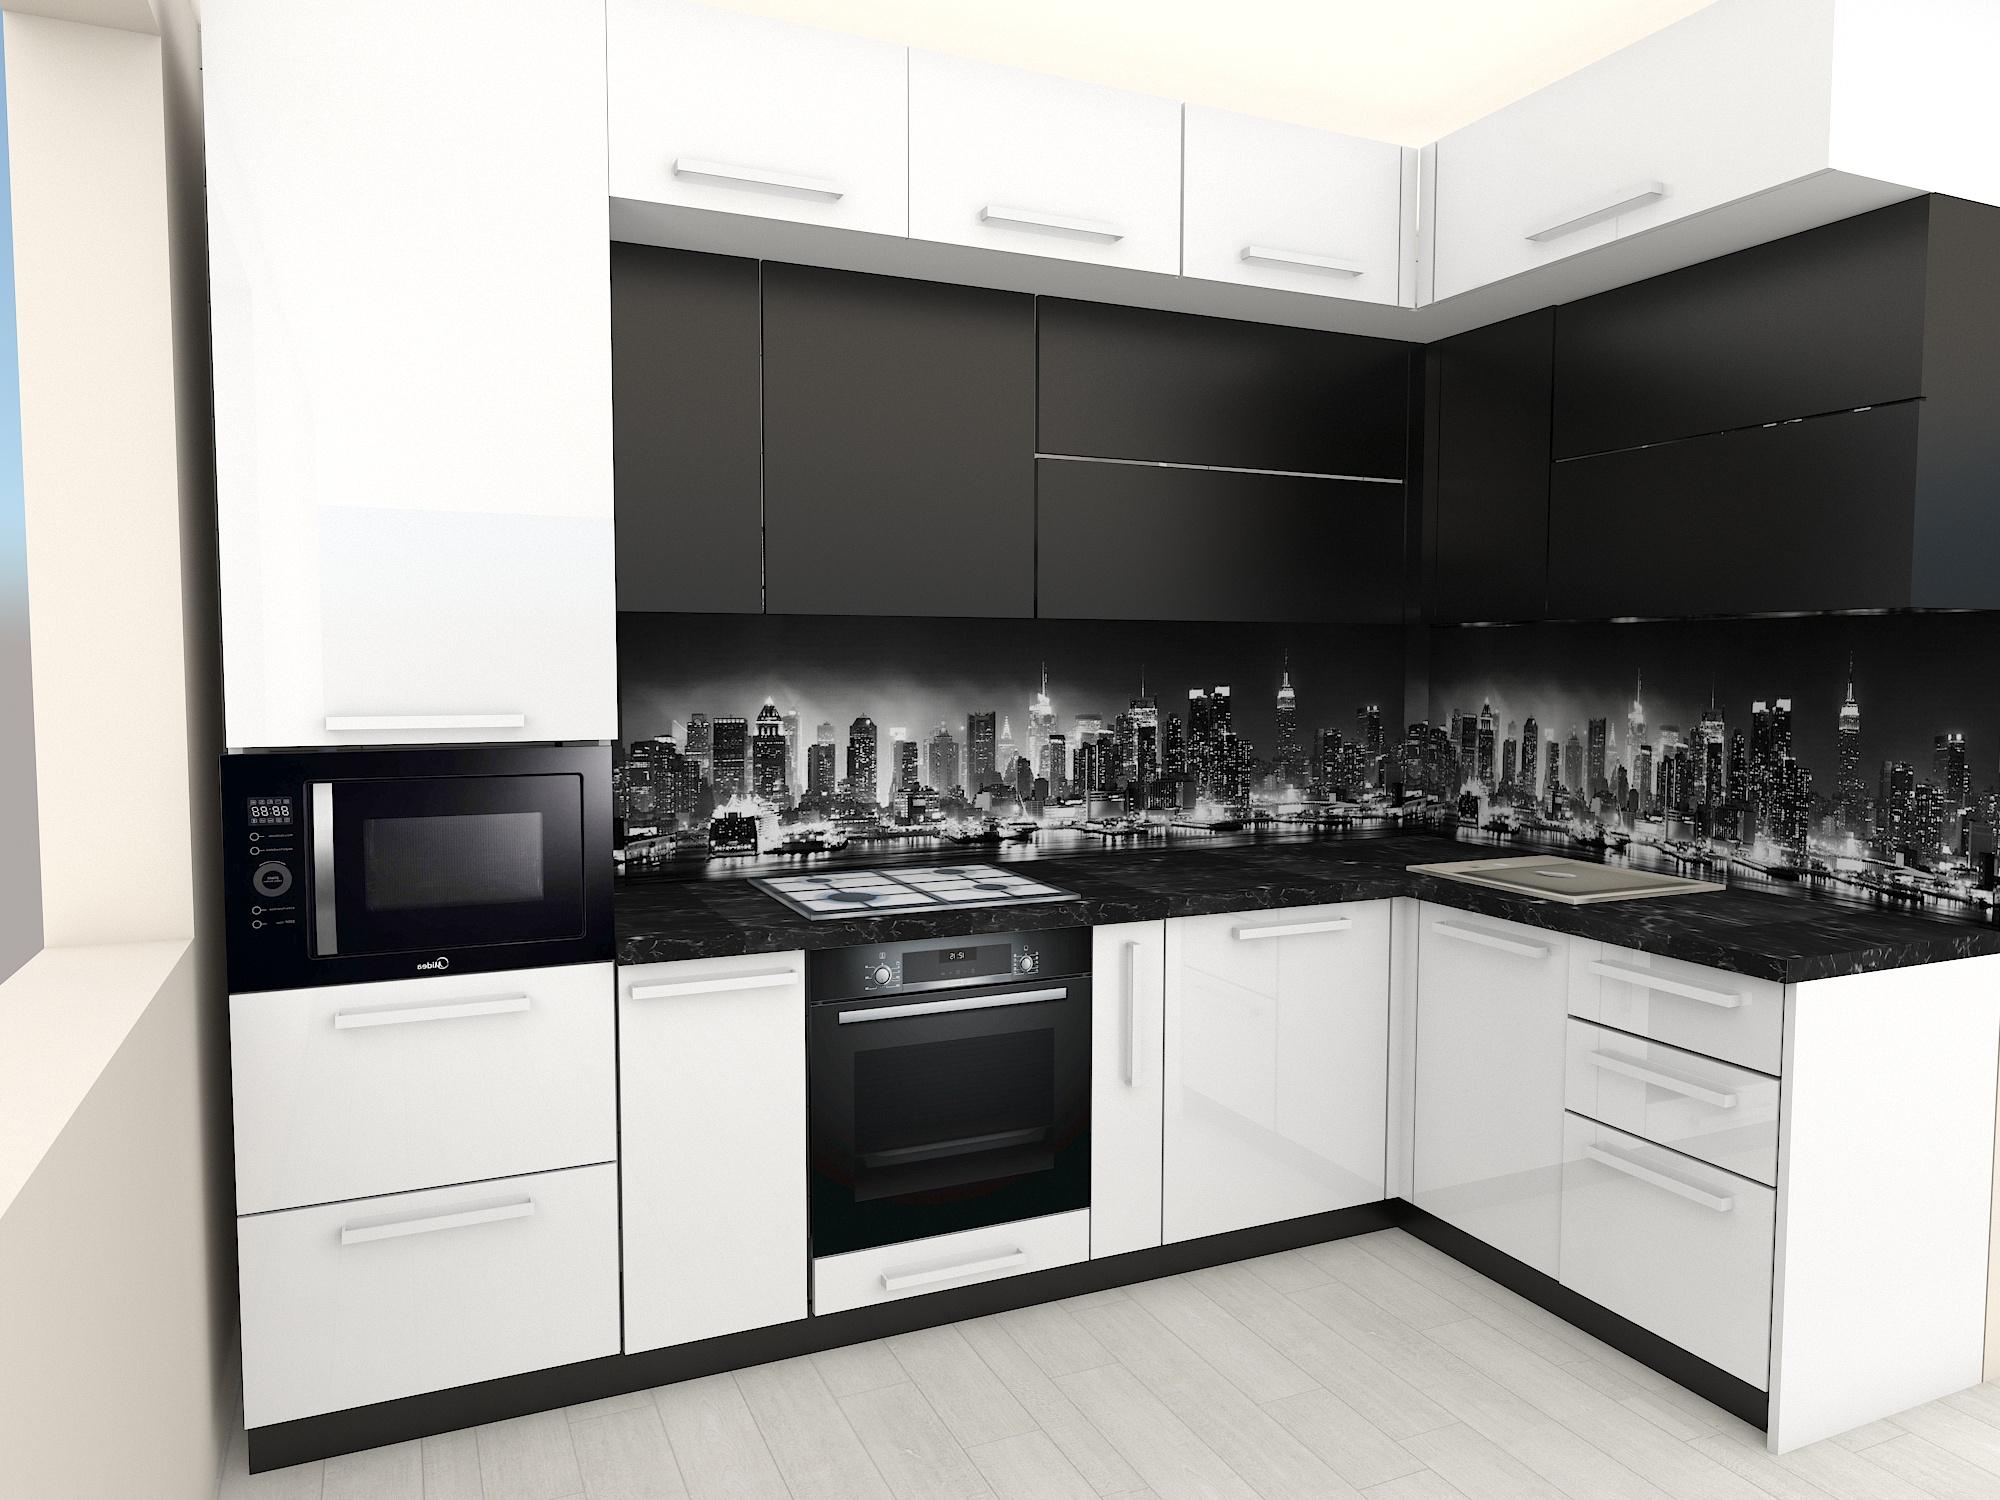 kitchen41 5